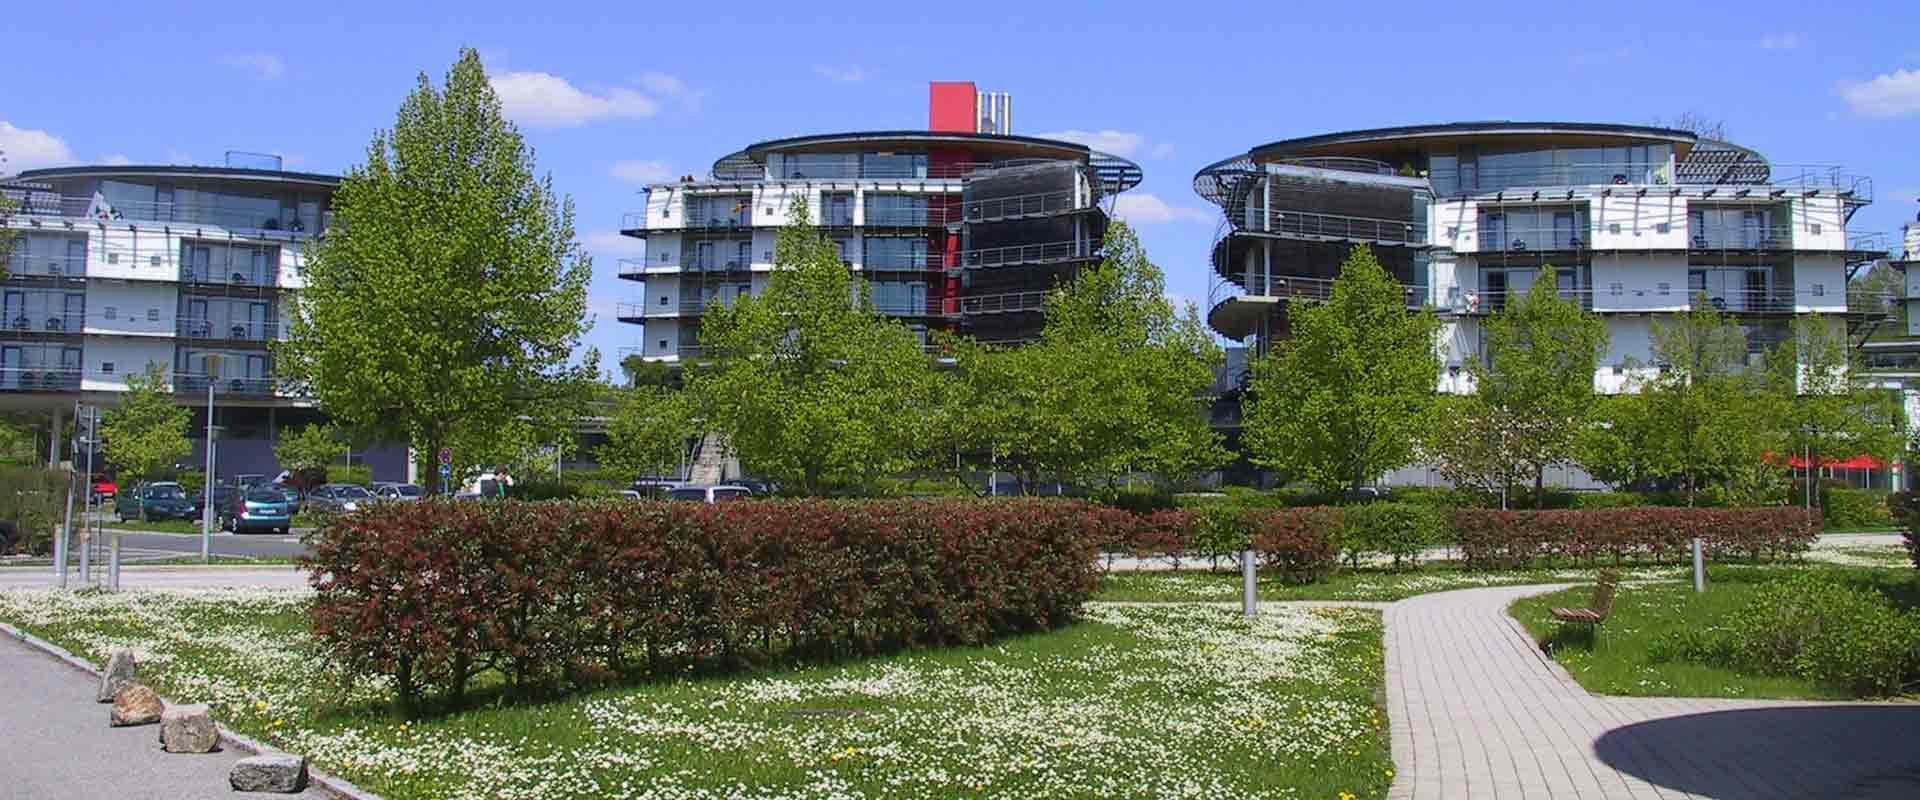 Außengebäude der MEDIAN Klinik Bad Colberg